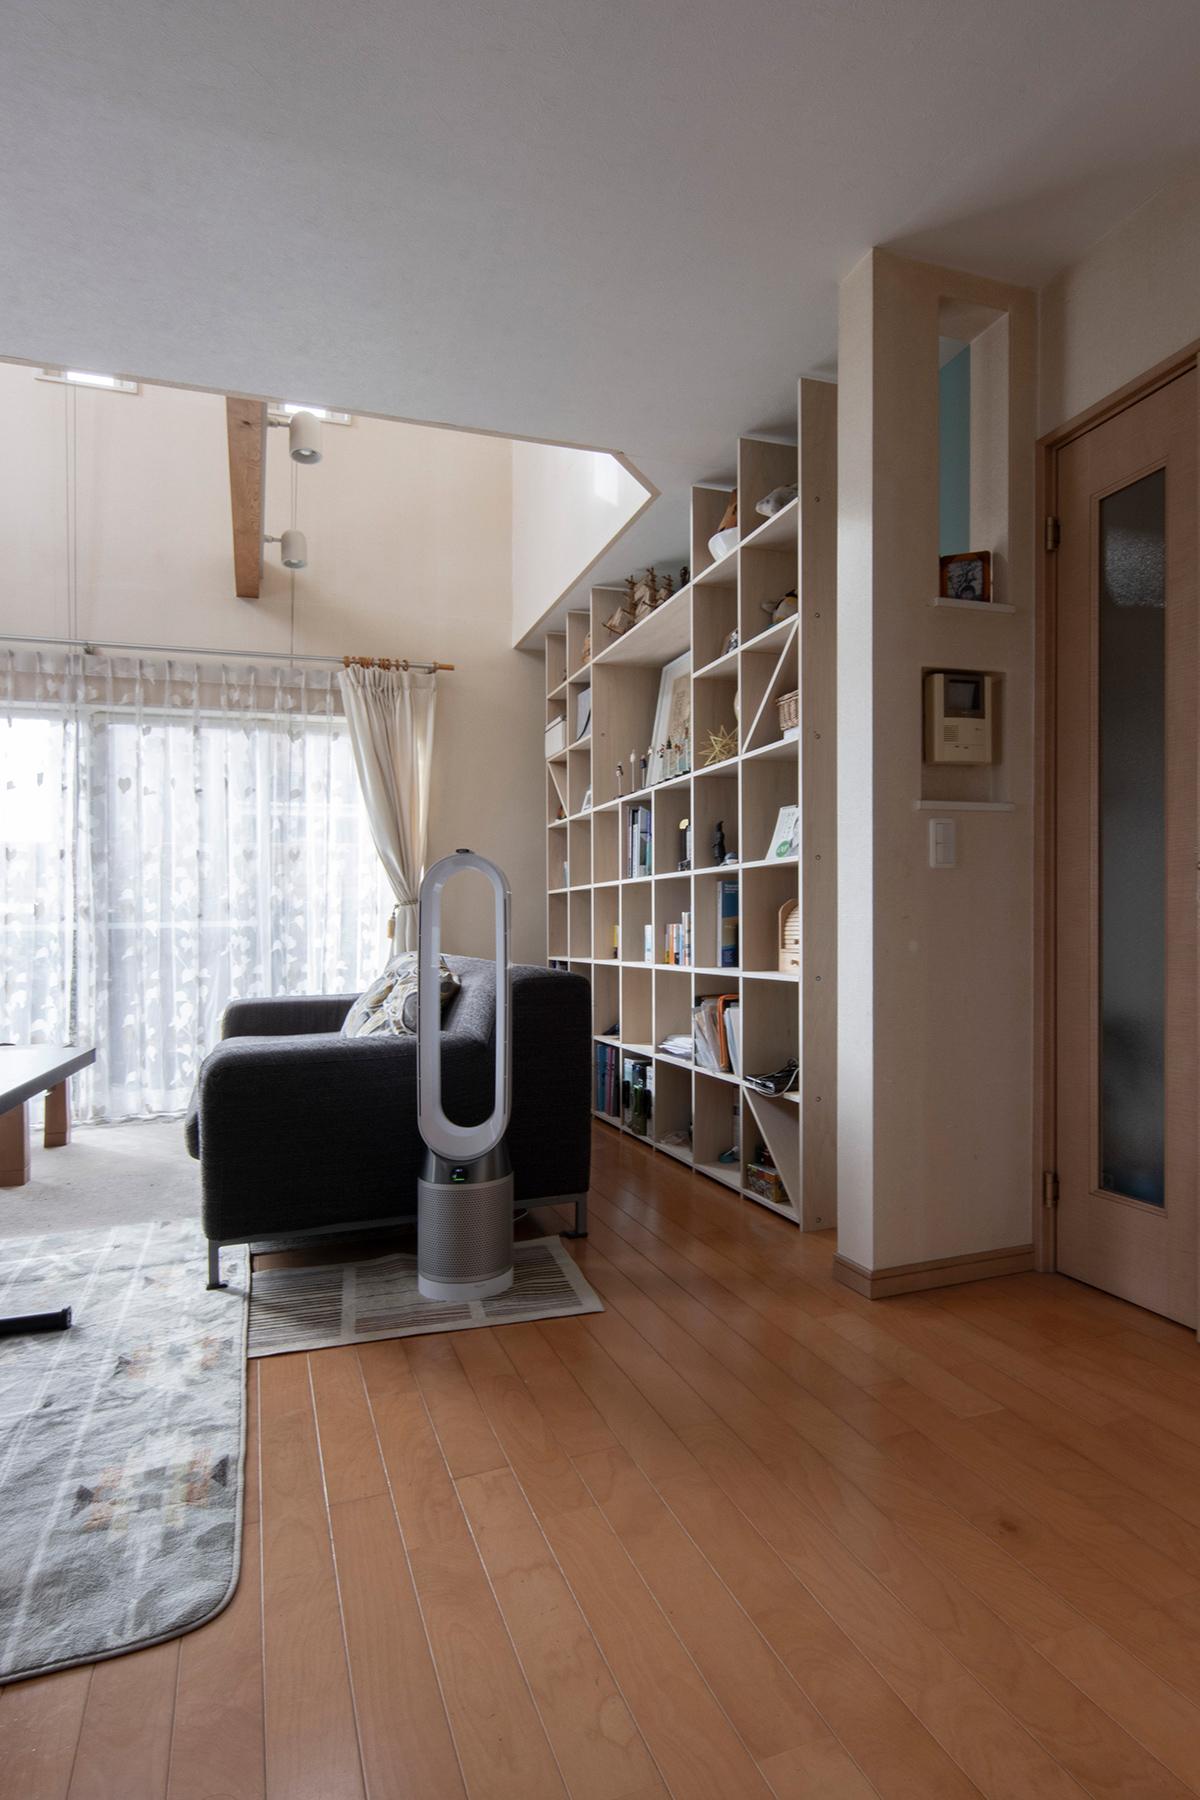 陽のあたるリビングの吹き抜けの下に   開口部のある本棚 / Shelf (No.13)   マルゲリータ使用例